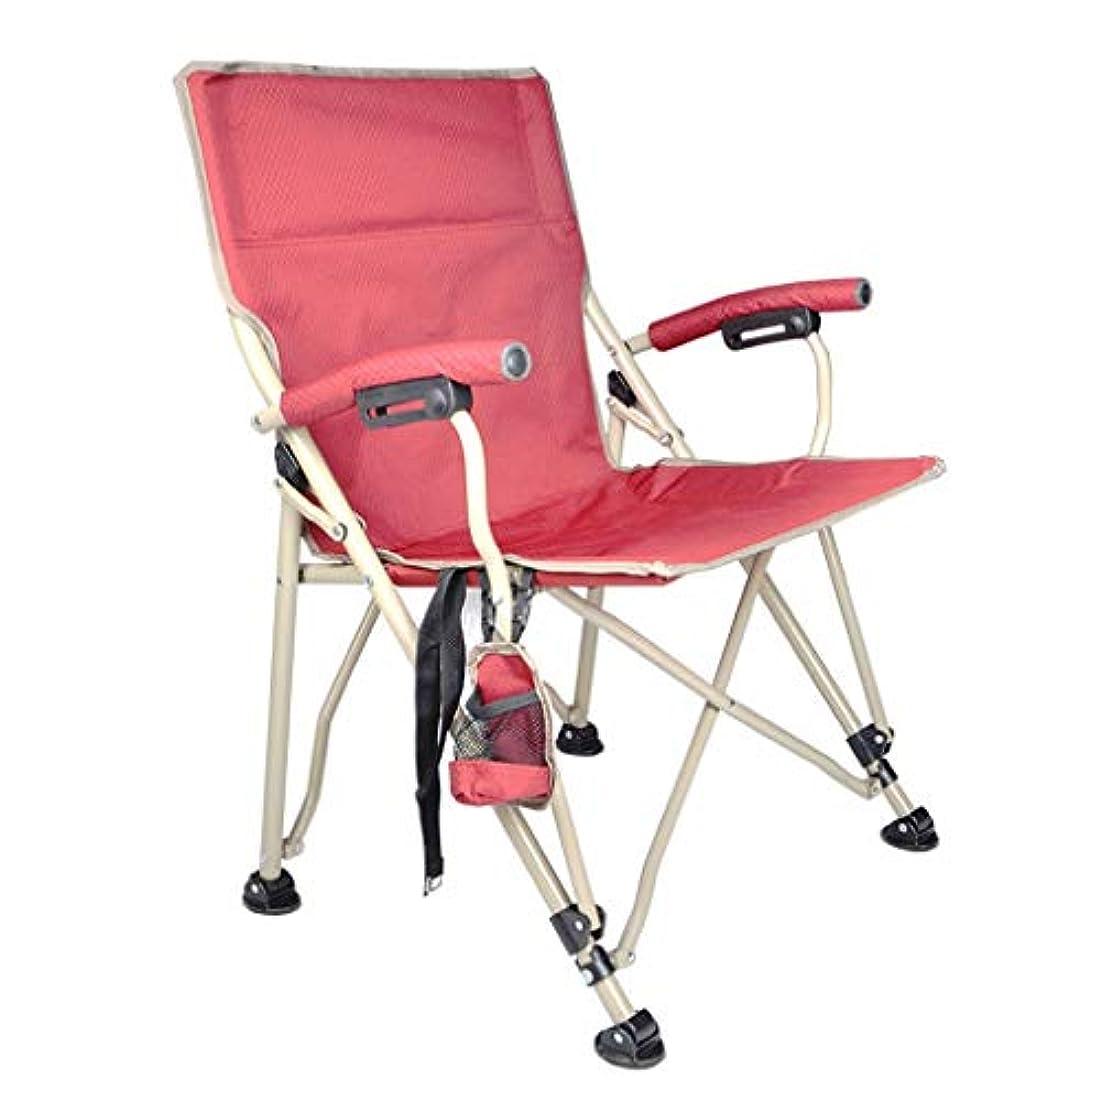 ハシー異常審判キャンプチェア 折りたたみ コンパクト ヘビーデューティ ハイバック ポータブル 釣り ビーチ 座席、3色 (色 : 赤)